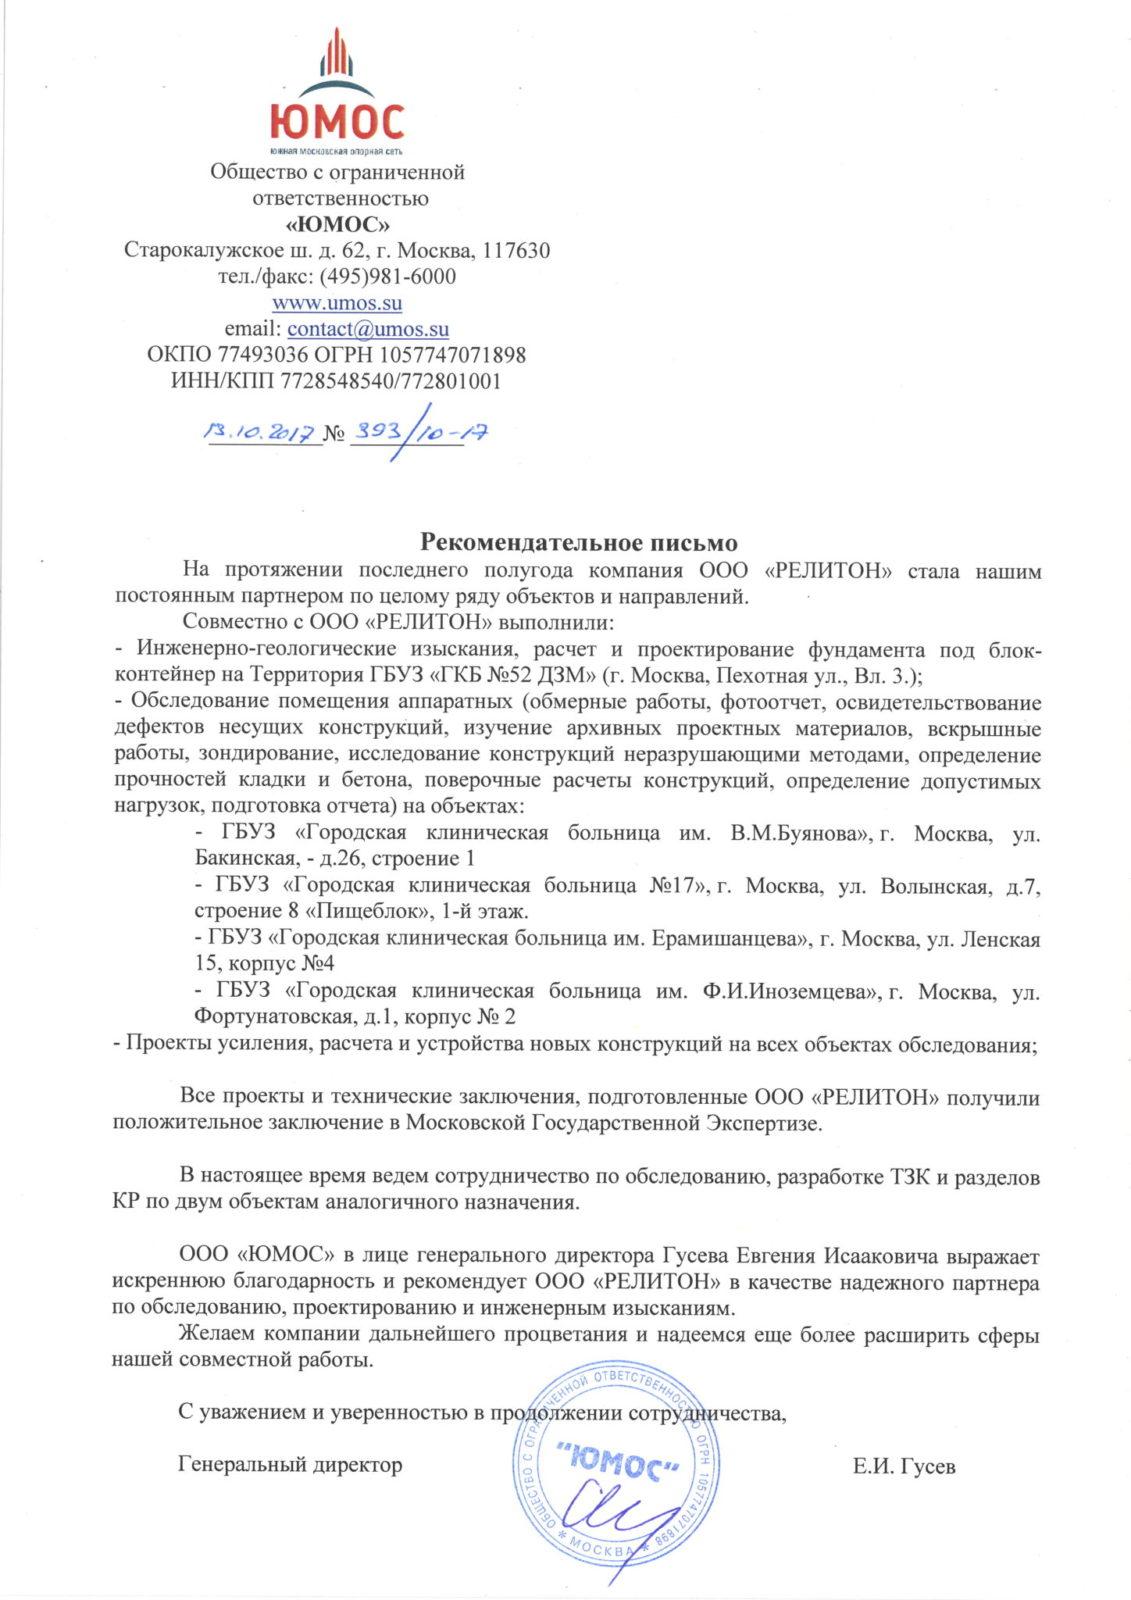 Otzyv-o-sotrudnichestve-s-kompaniej-reliton-ot-kompanii-YUMOS.jpg